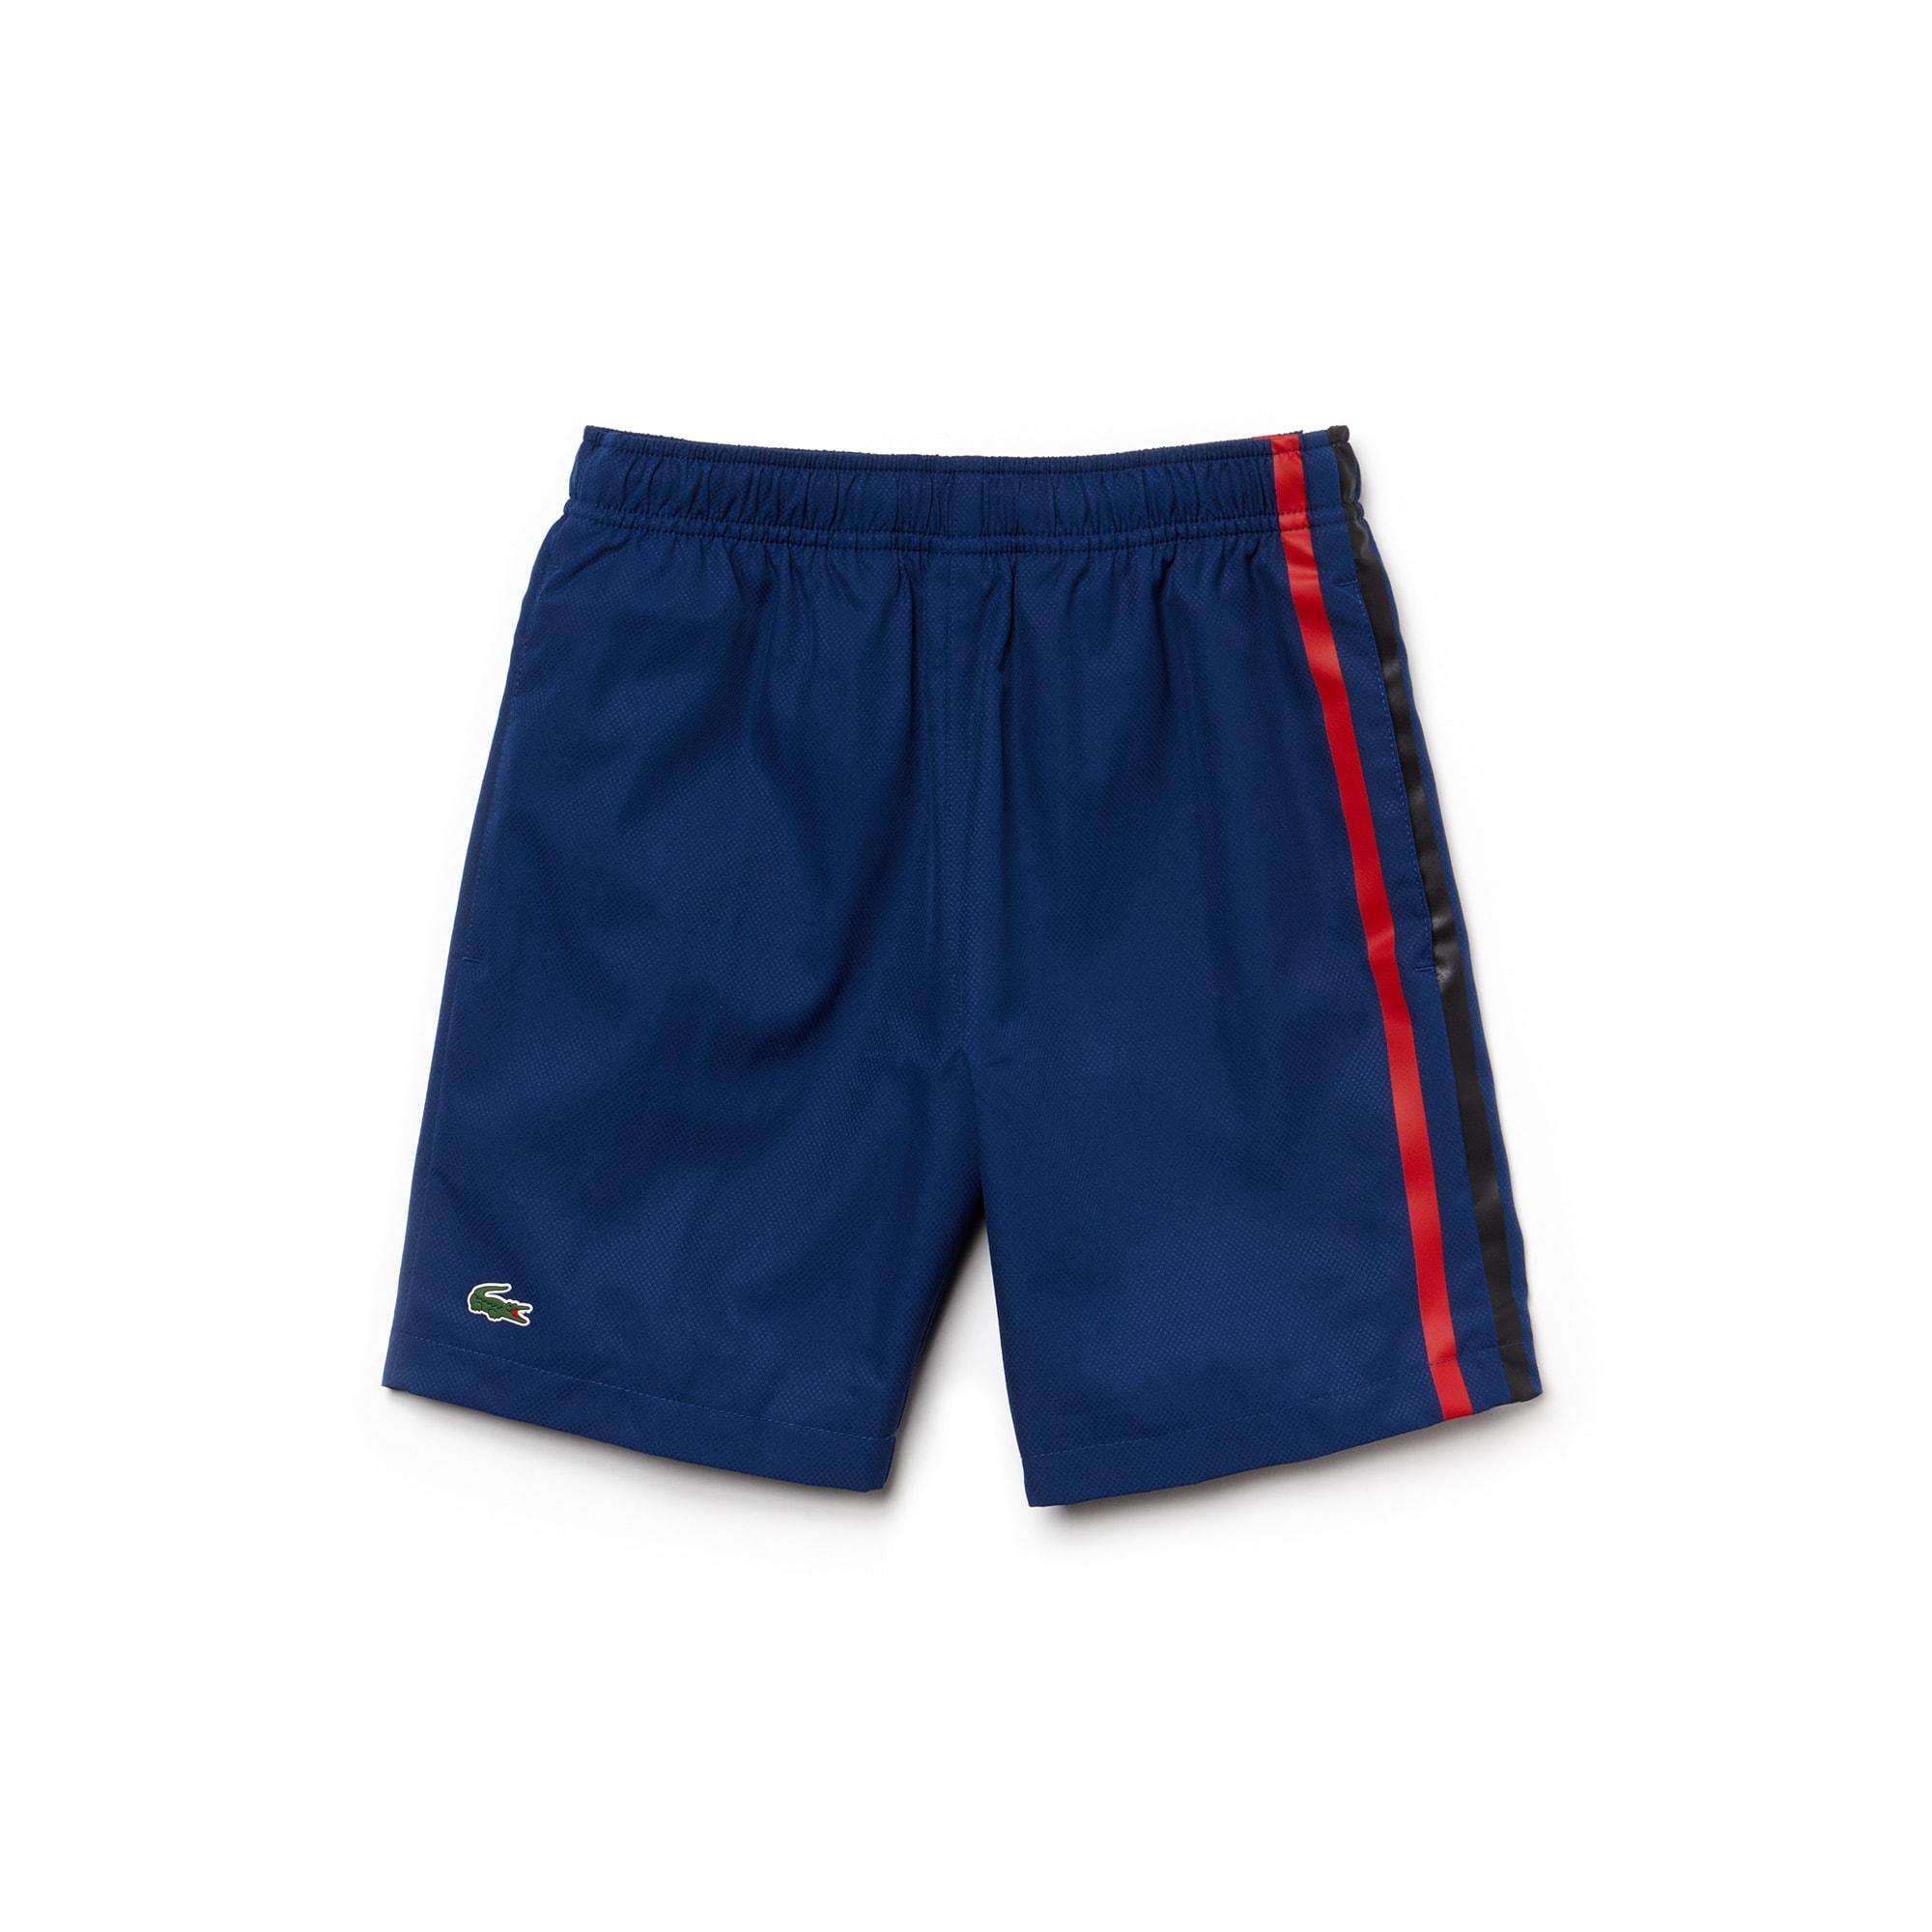 Pantalón corto de tafetán con franjas de colores para chico Tenis Lacoste SPORT